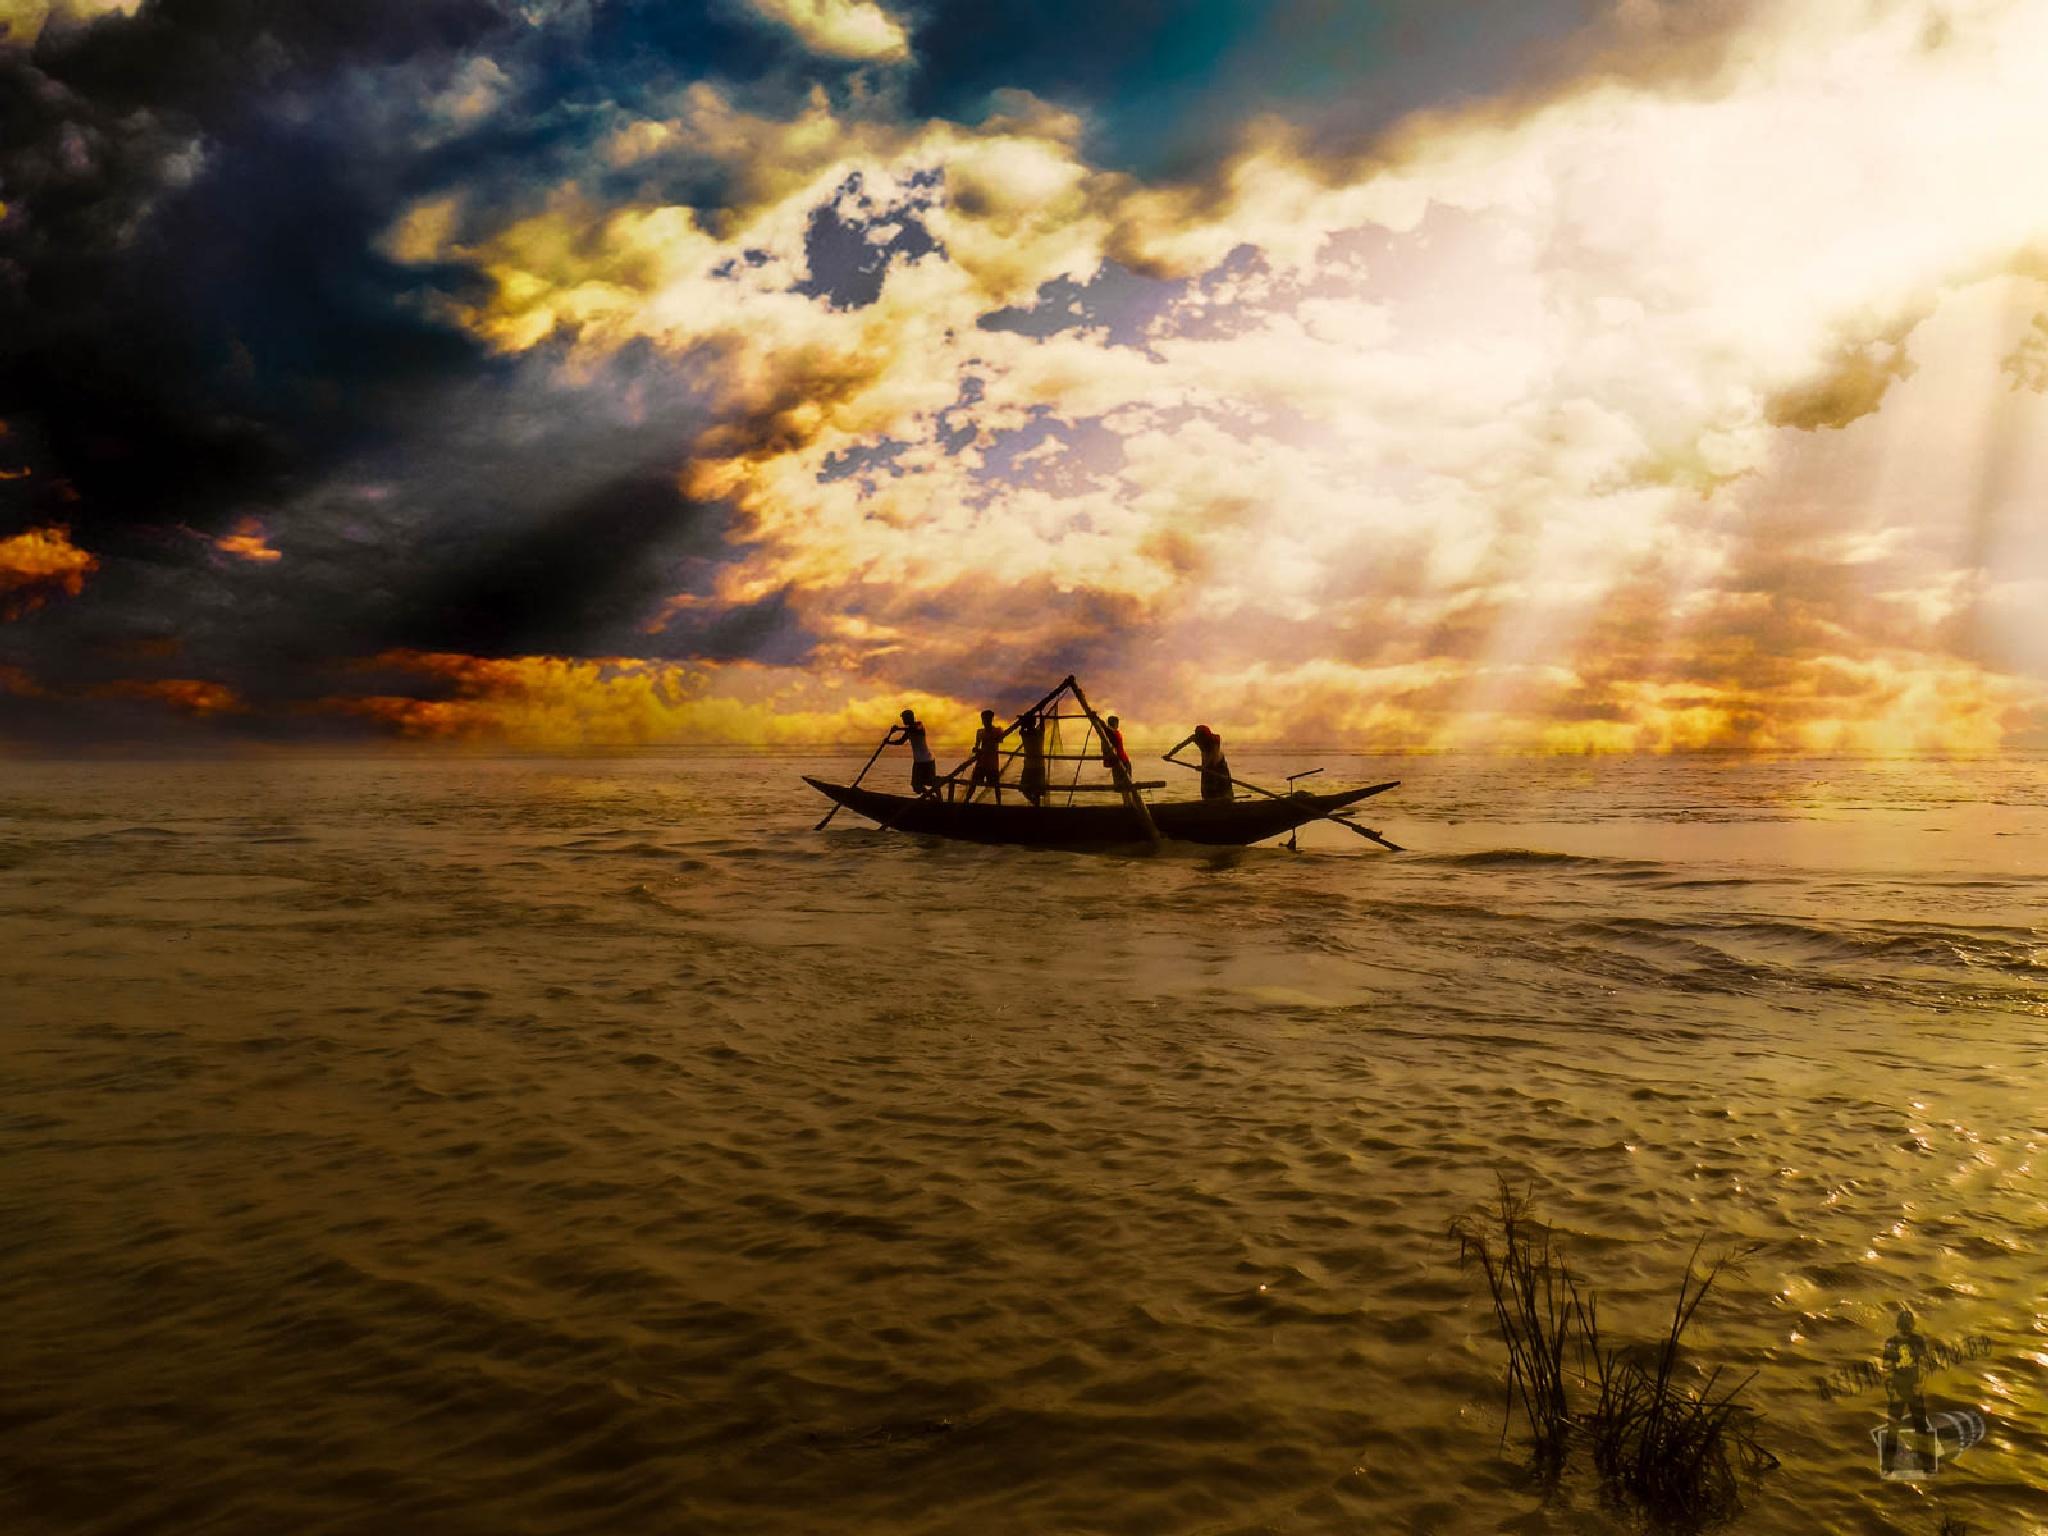 Fishing-0238-Late Sunset Tears by ЯДJJIБ'S PЂØŦØ